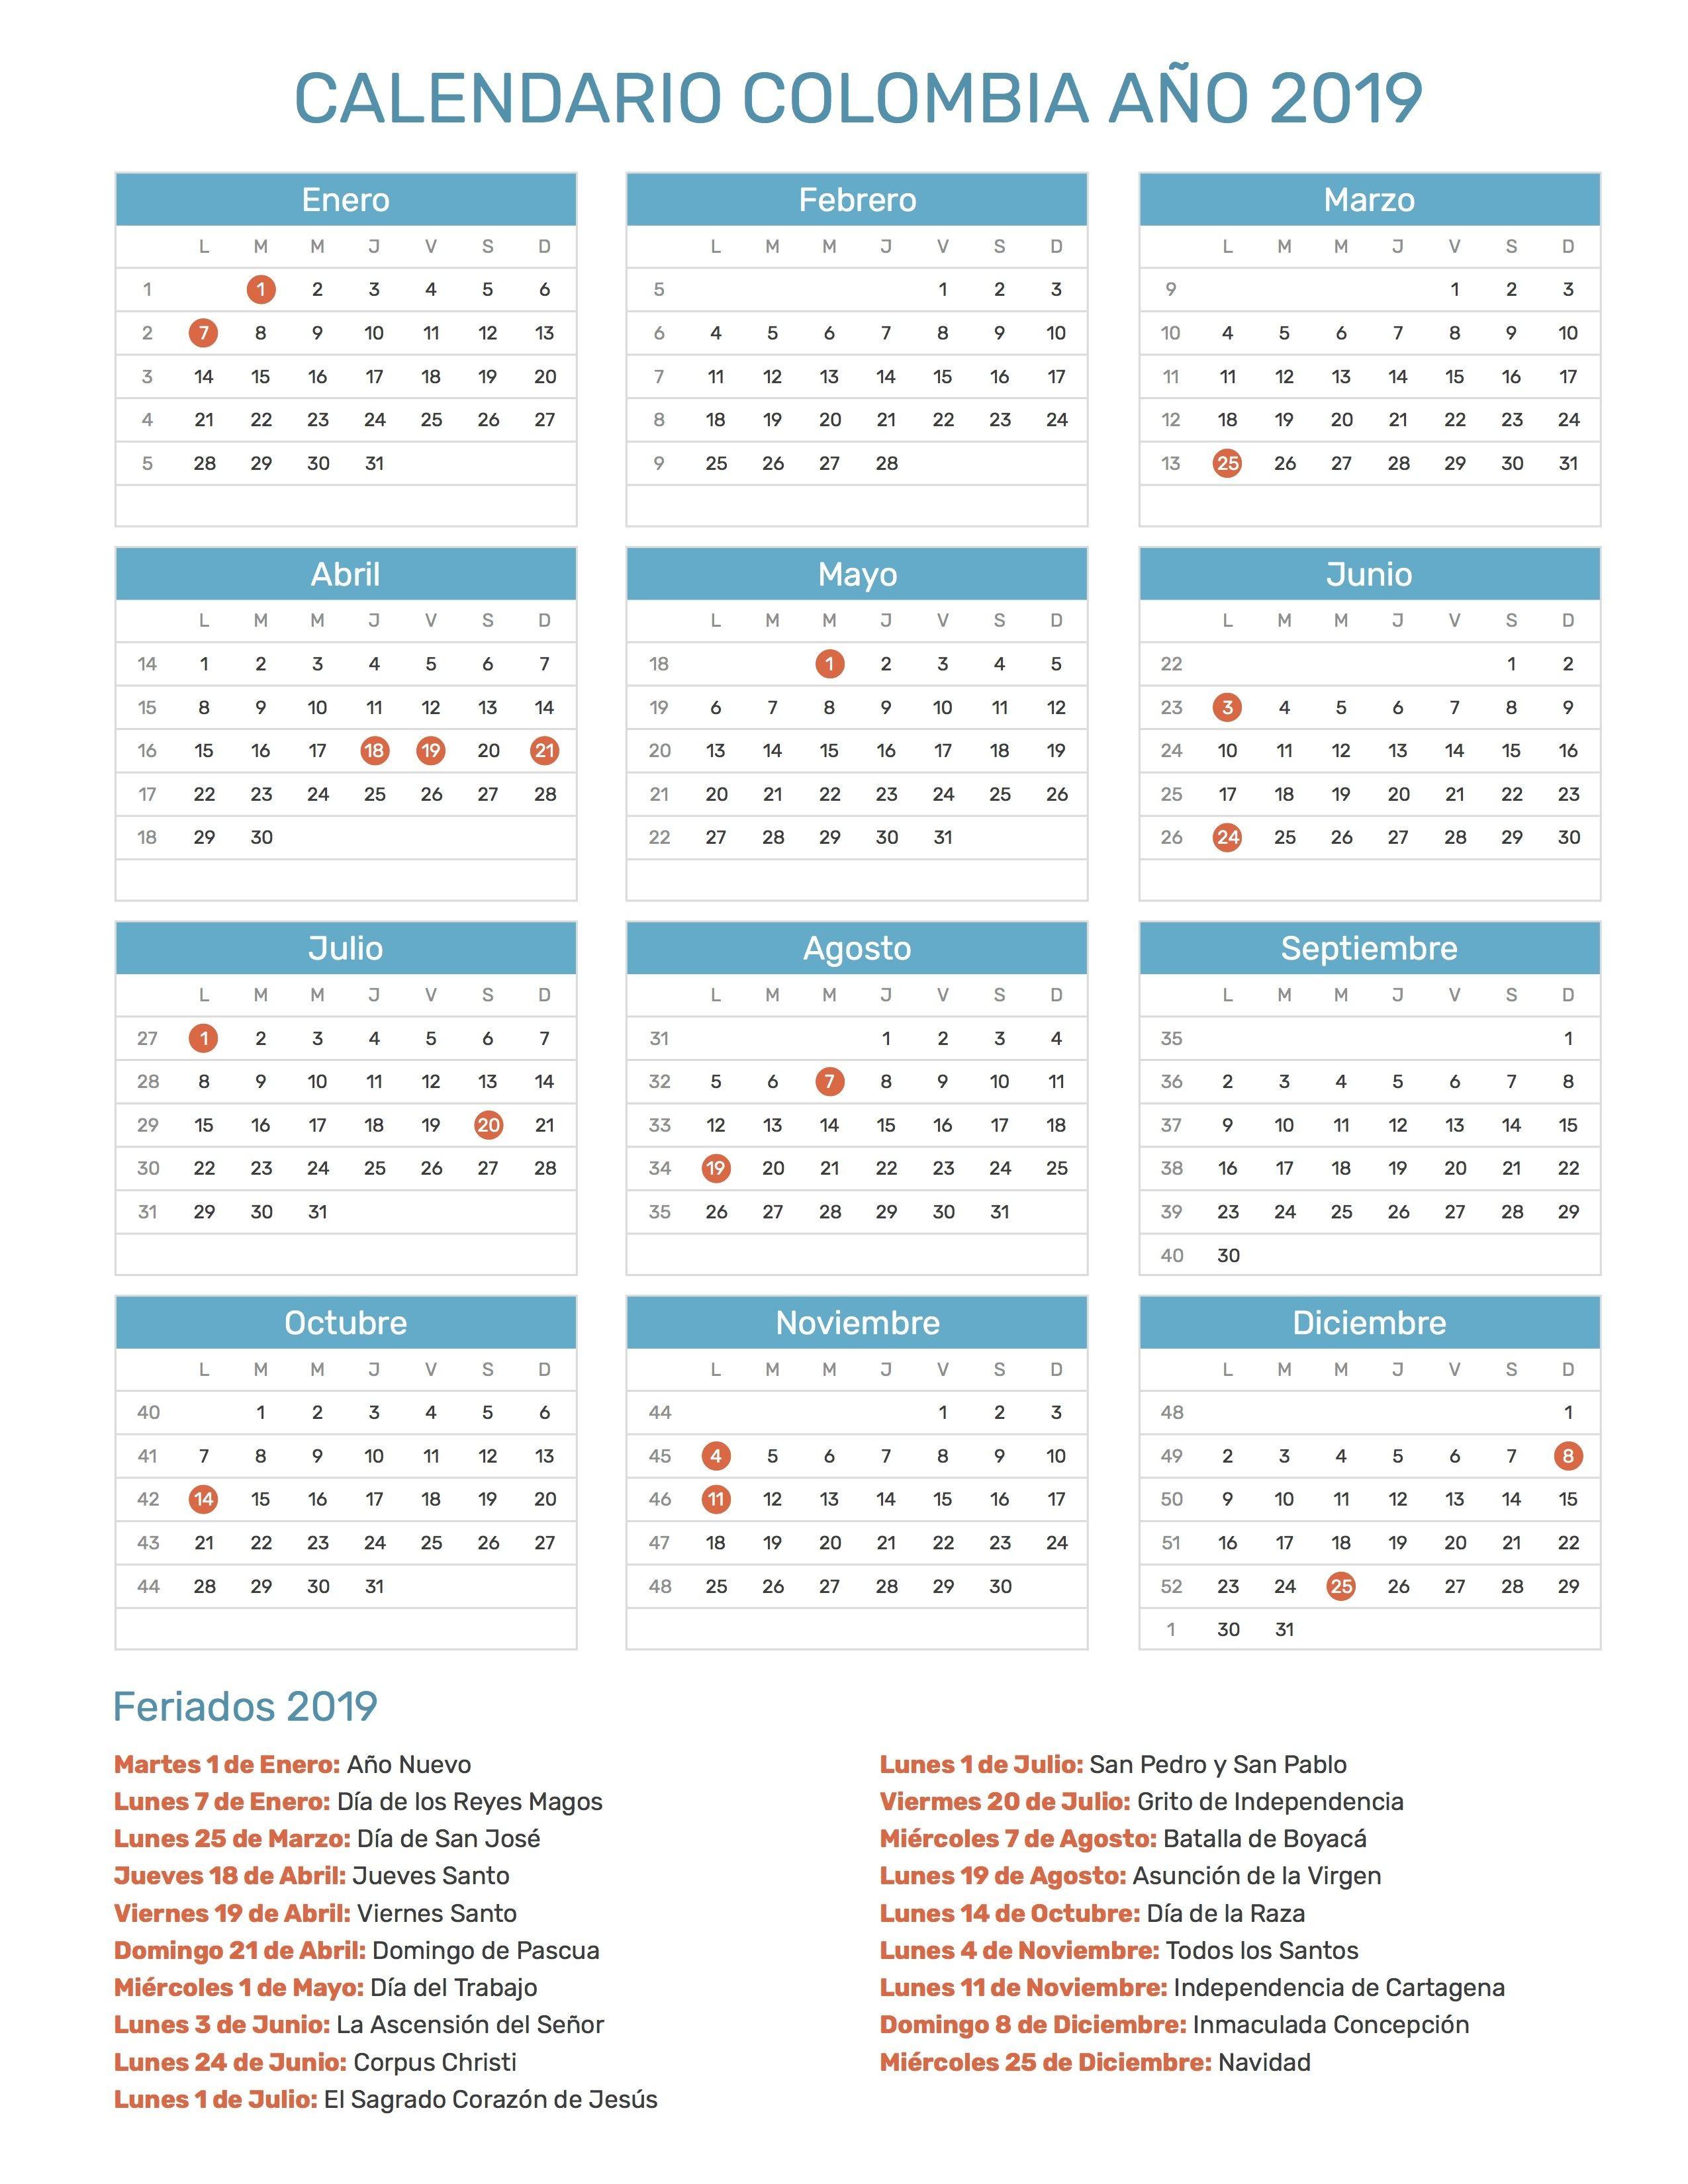 Calendario Semanal Para Imprimir 2017 Más Caliente Pin De Gladys En Imagenes Para Calendario Pinterest Of Calendario Semanal Para Imprimir 2017 Mejores Y Más Novedosos Agenda A5